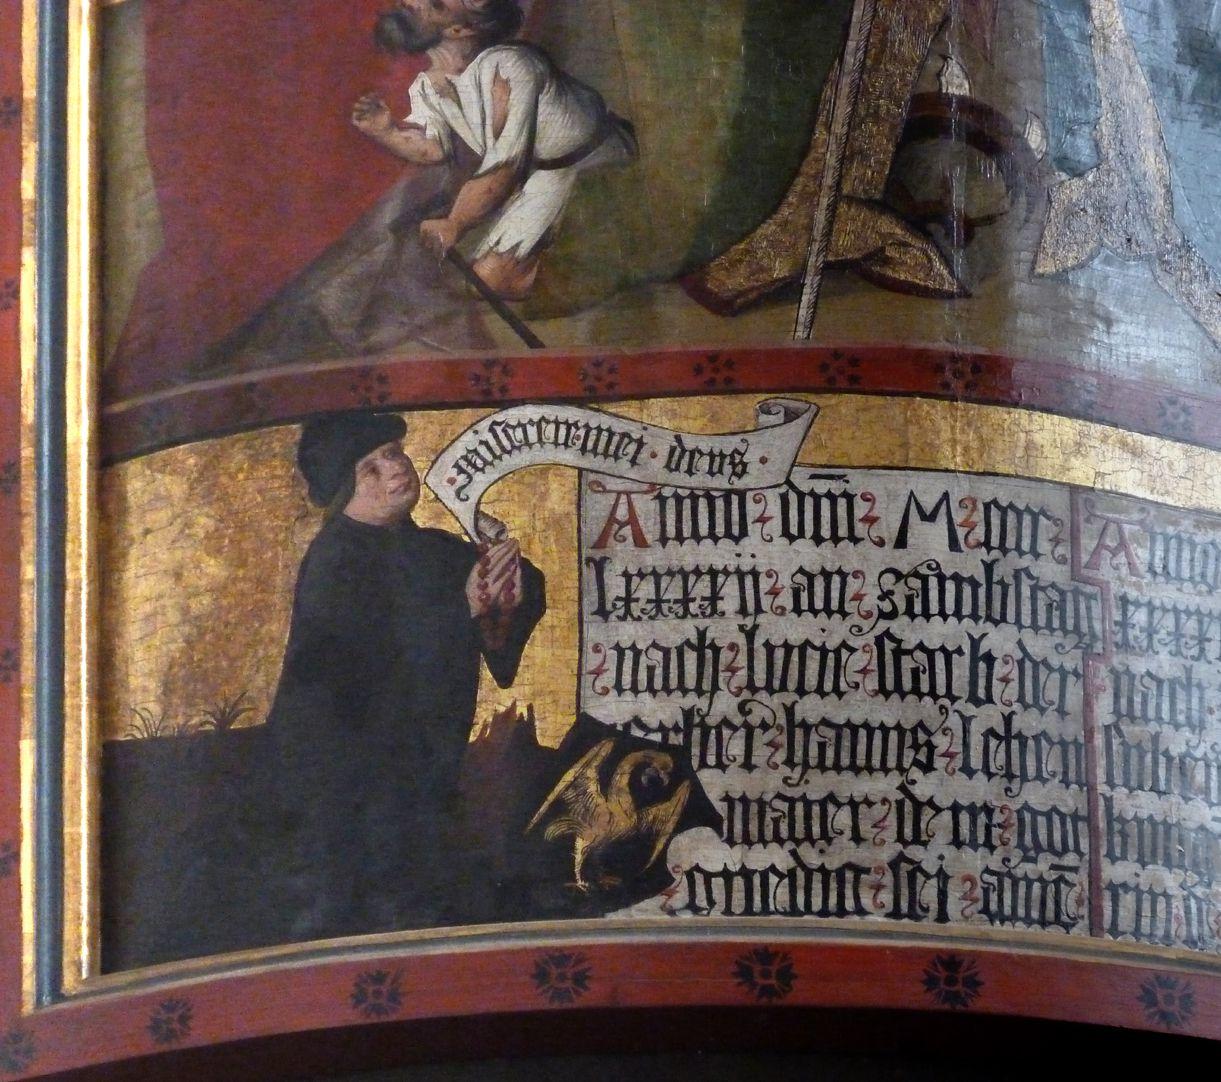 Lehenmaier Epitaph Stifter mit Spruchband: Miserere mei, Deus - Gott, erbarme dich meiner